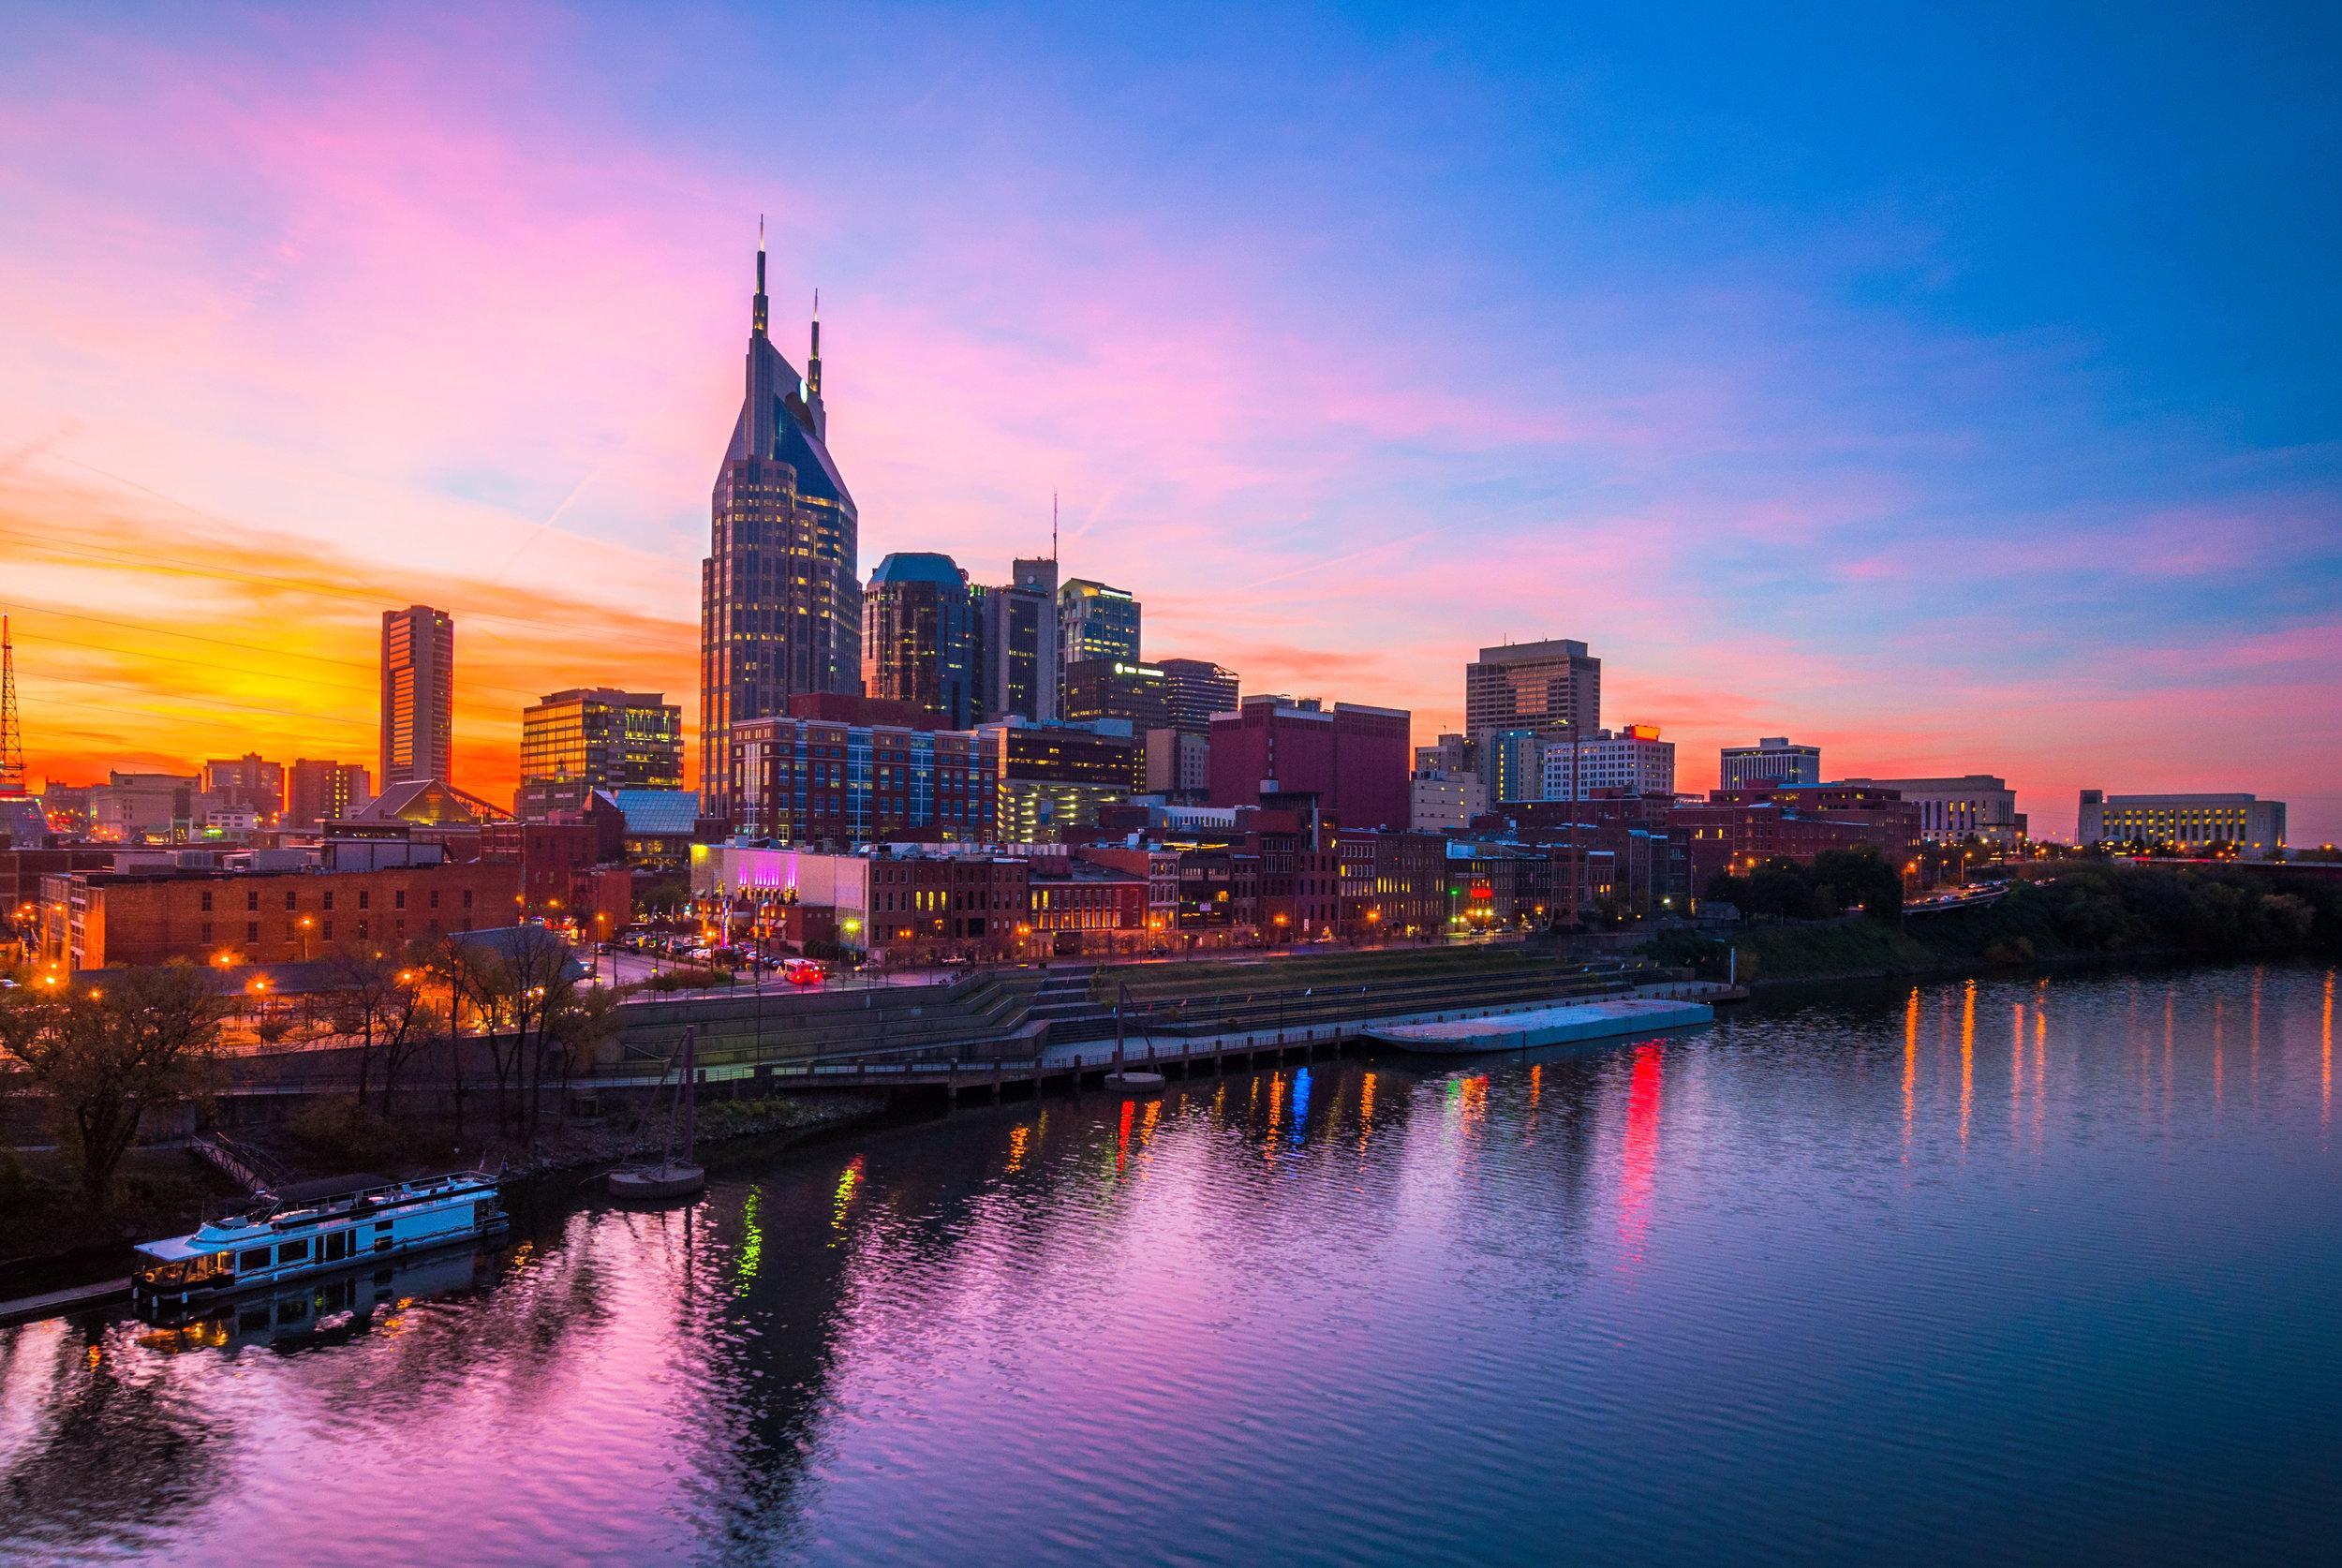 Nashville iStock Image.jpg